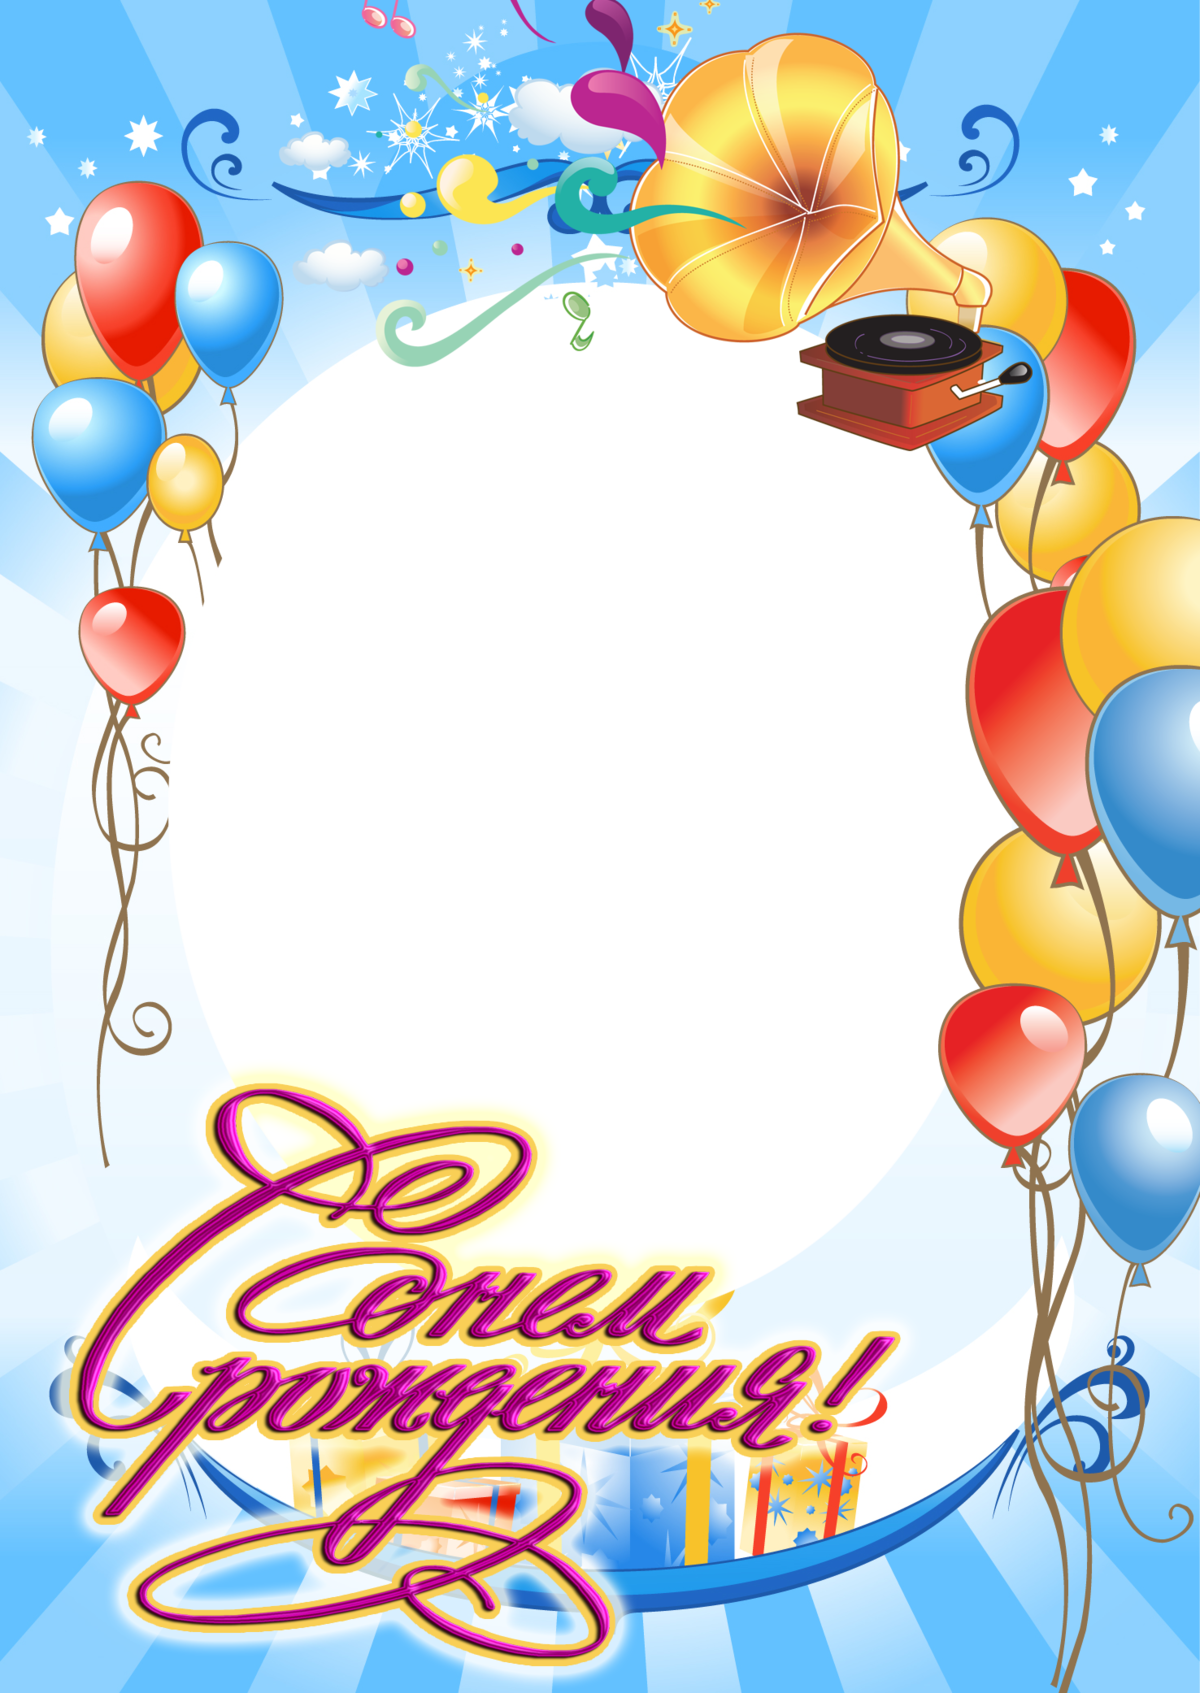 Картинки шаблоны для поздравления с днем рождения